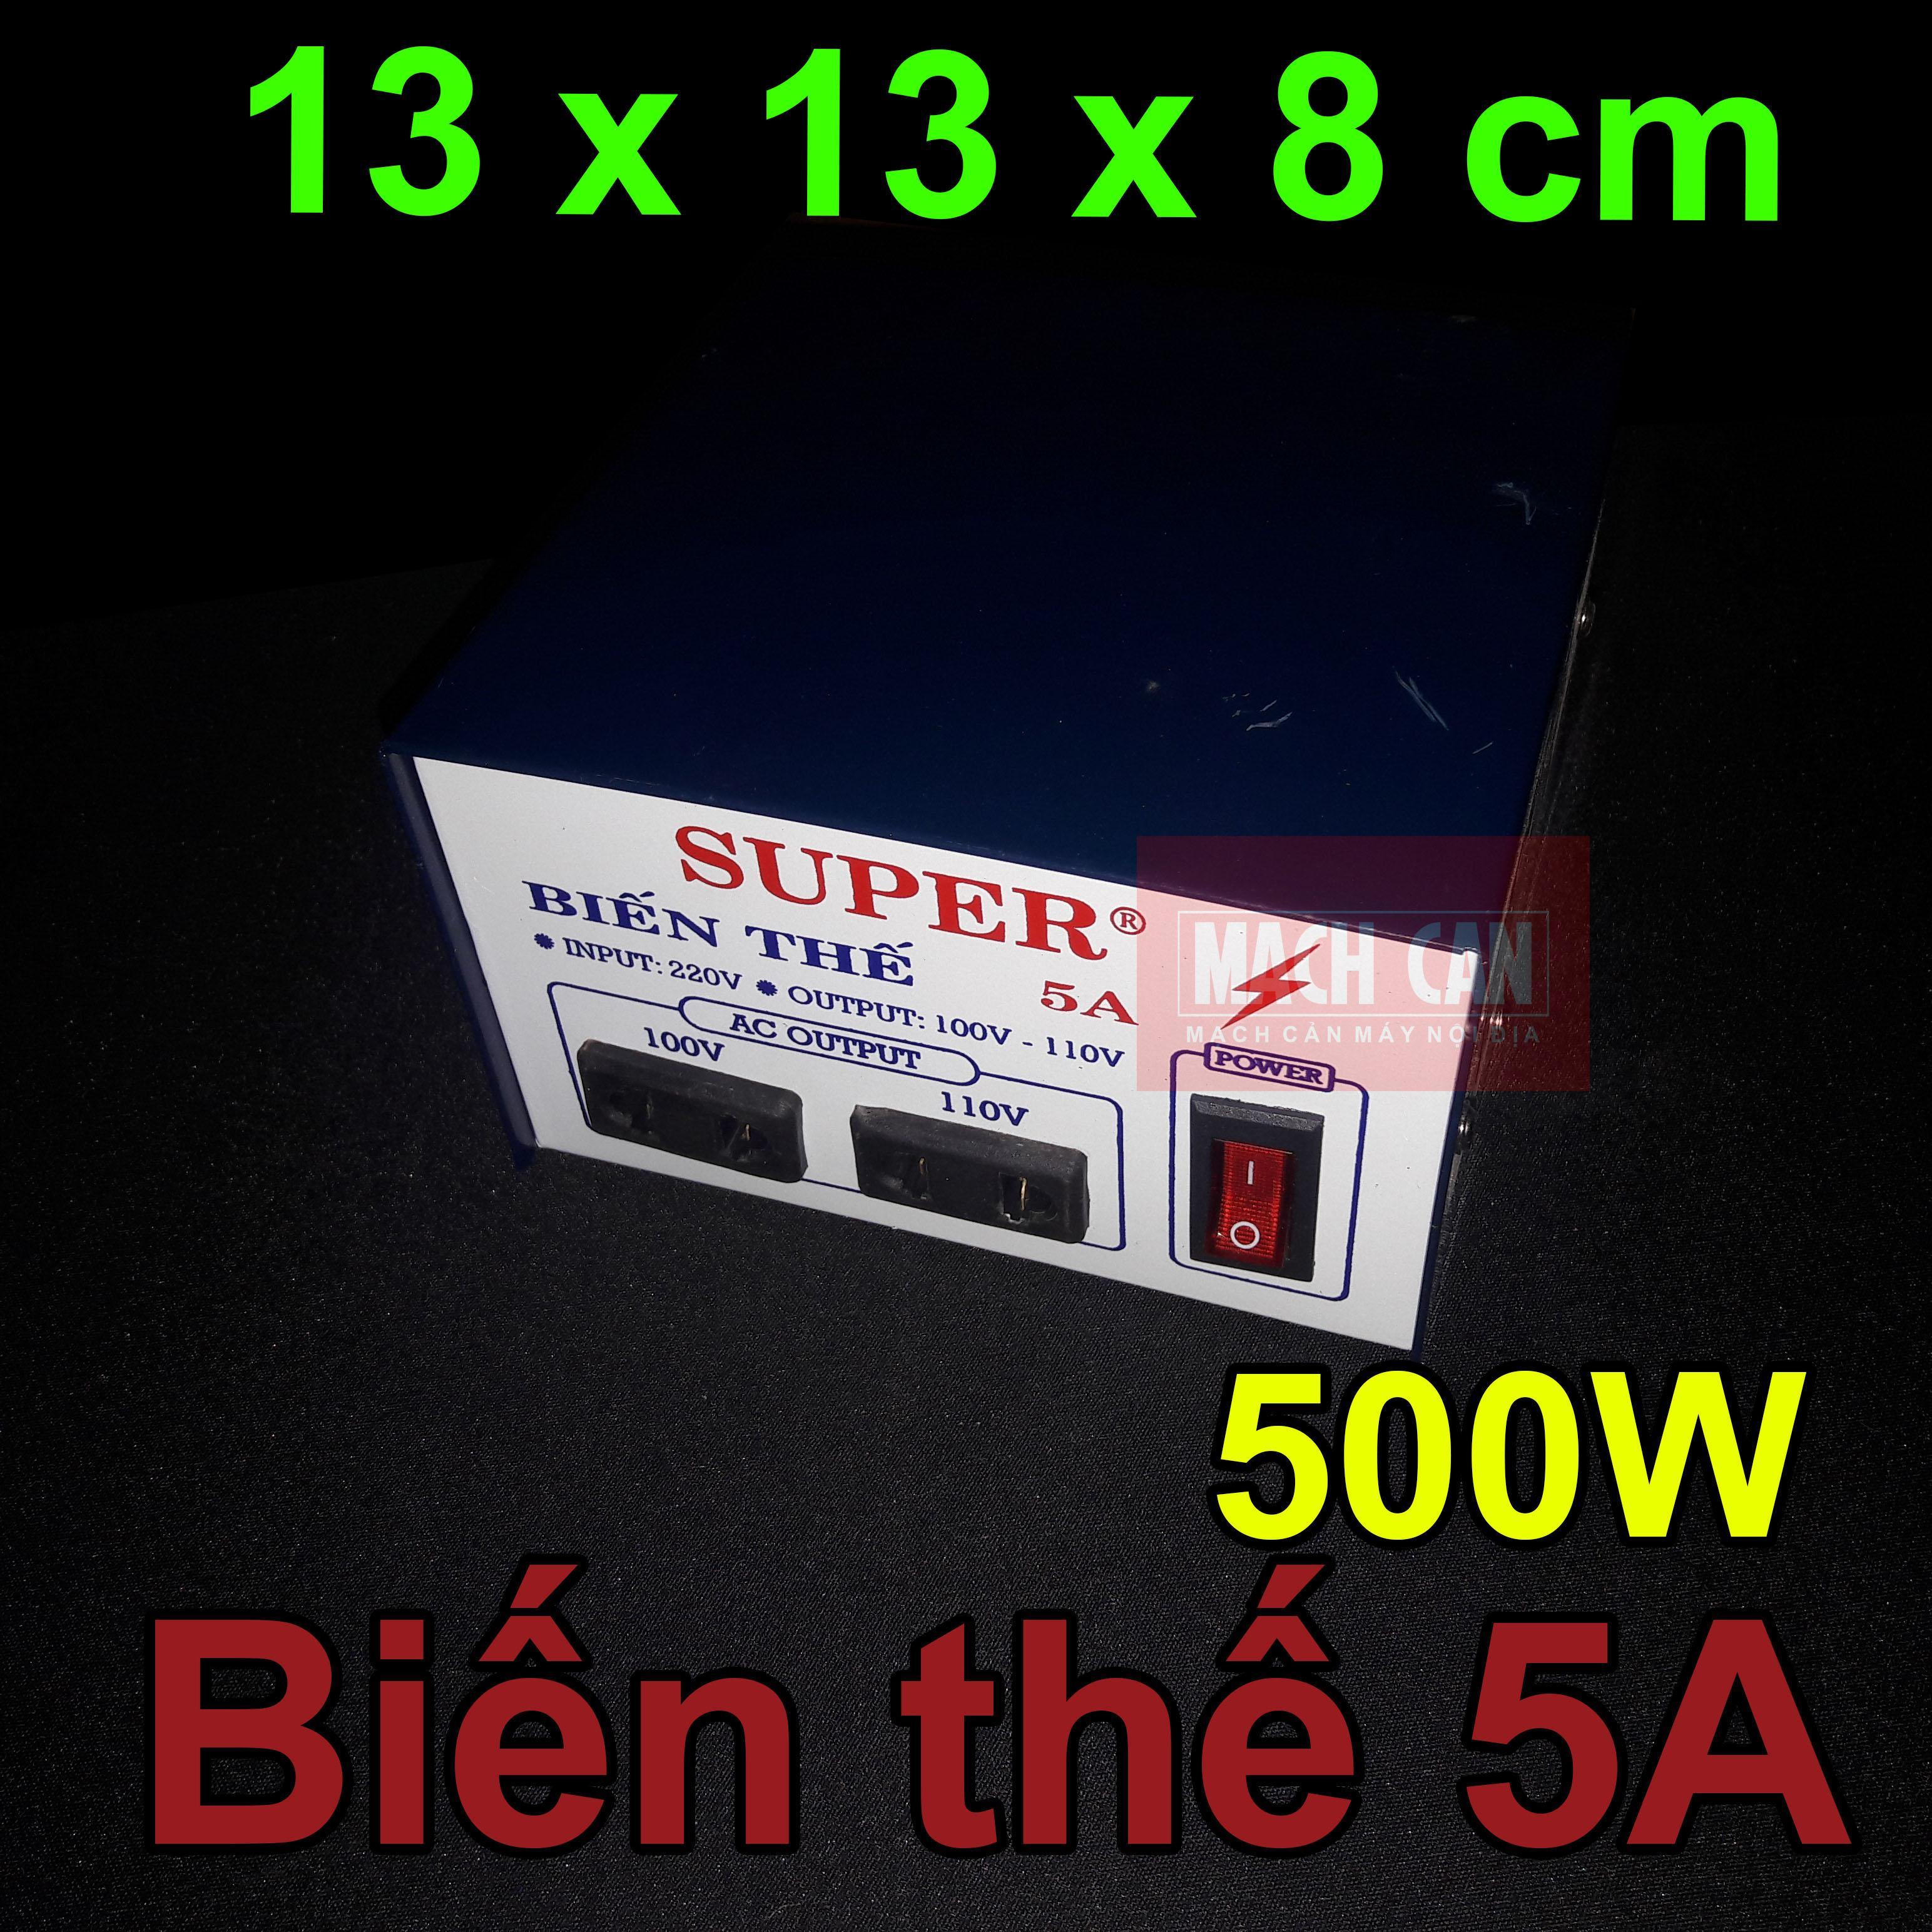 Biến thế 5A ~ 500W - chuyển điện 220v ra 110v 100v biến áp ổn áp chuyển nguồn đổi điện cho sản phẩm nhật mỹ SUPER LIOA